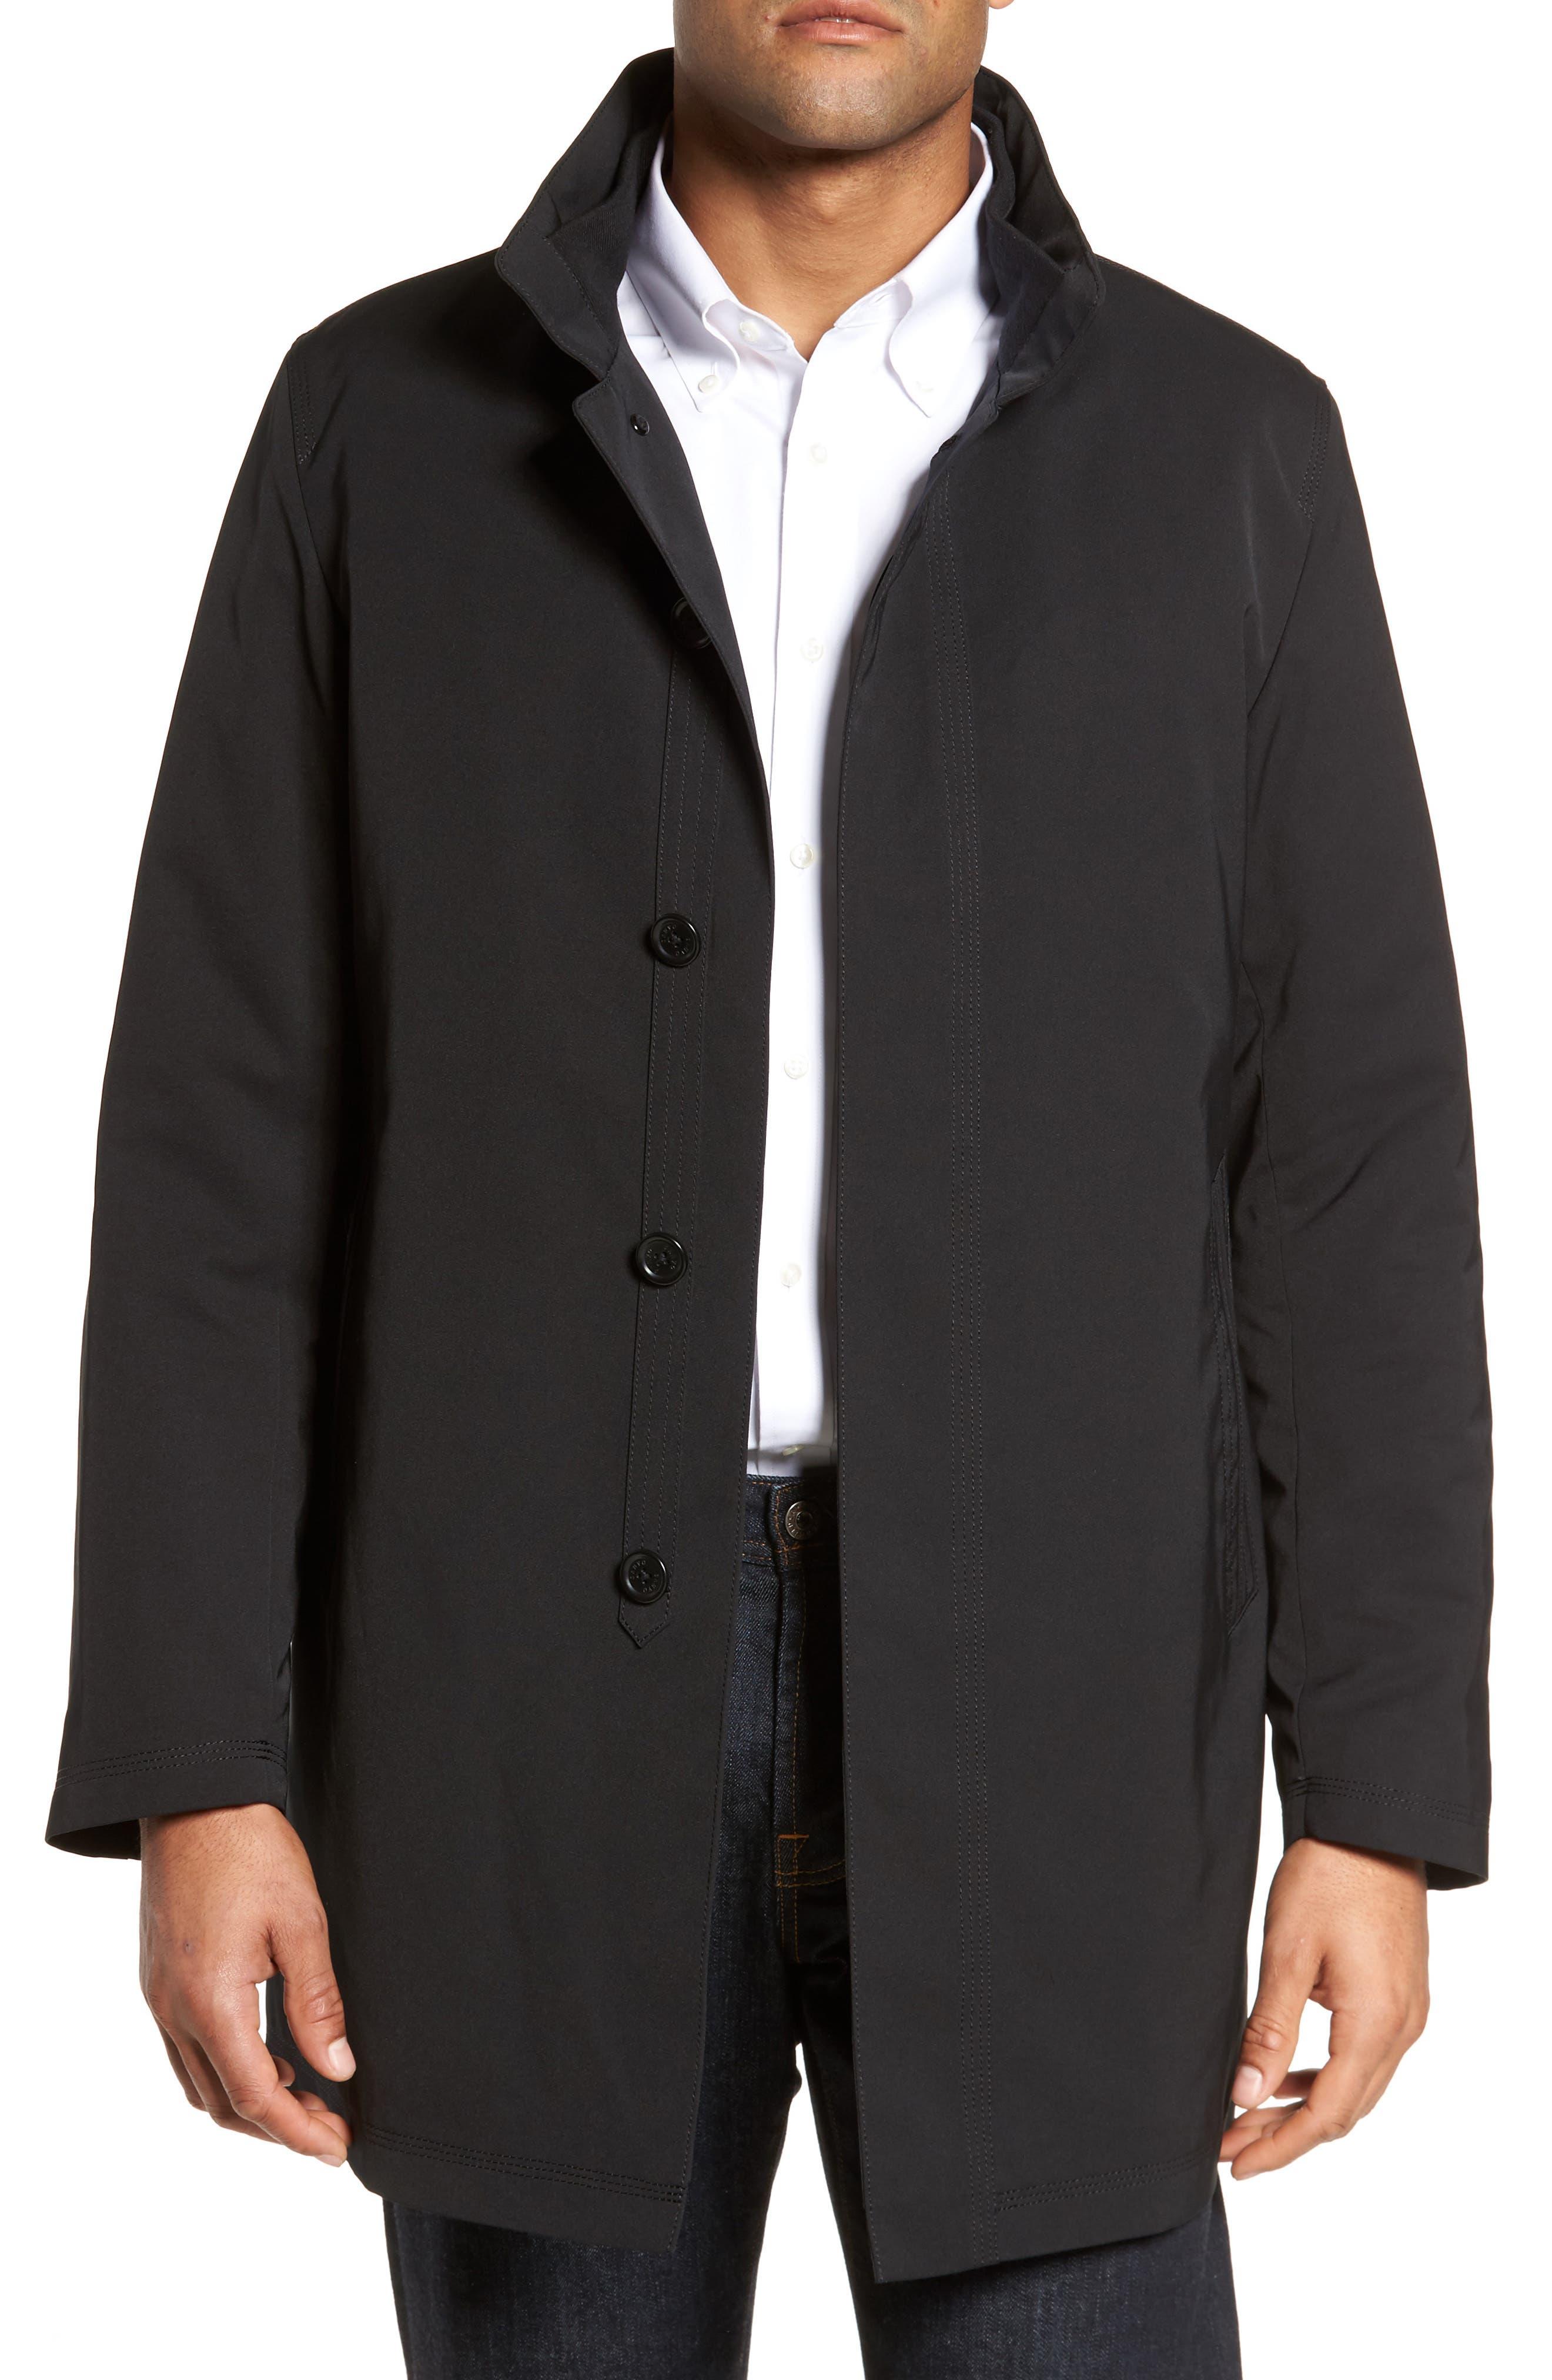 Men's coat hood